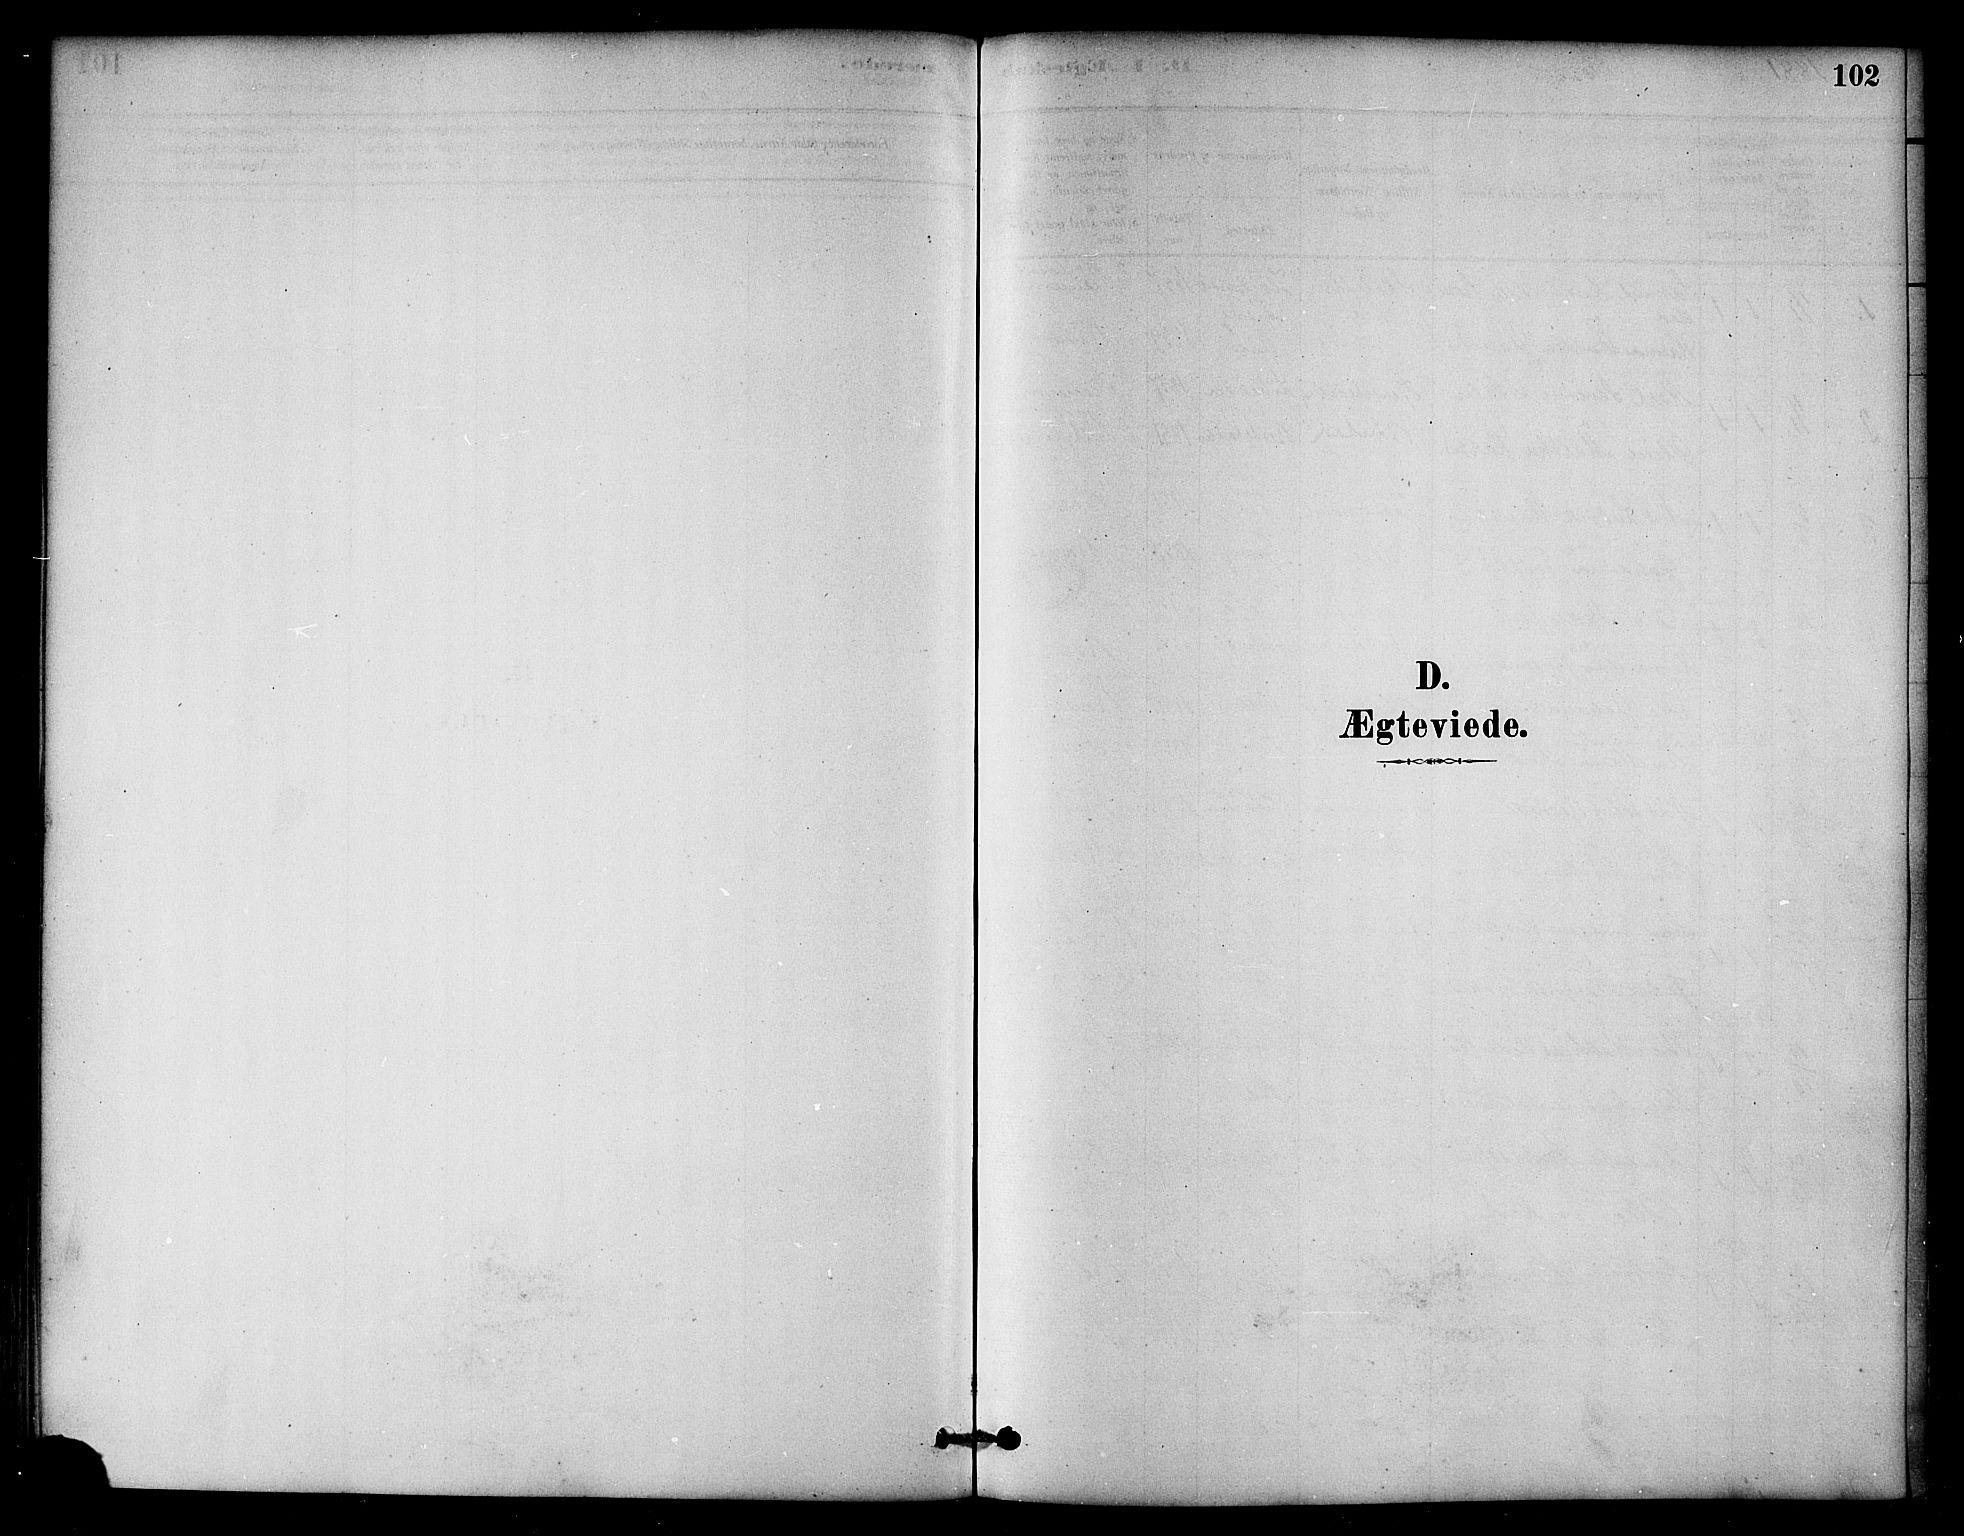 SAT, Ministerialprotokoller, klokkerbøker og fødselsregistre - Nord-Trøndelag, 764/L0555: Ministerialbok nr. 764A10, 1881-1896, s. 102